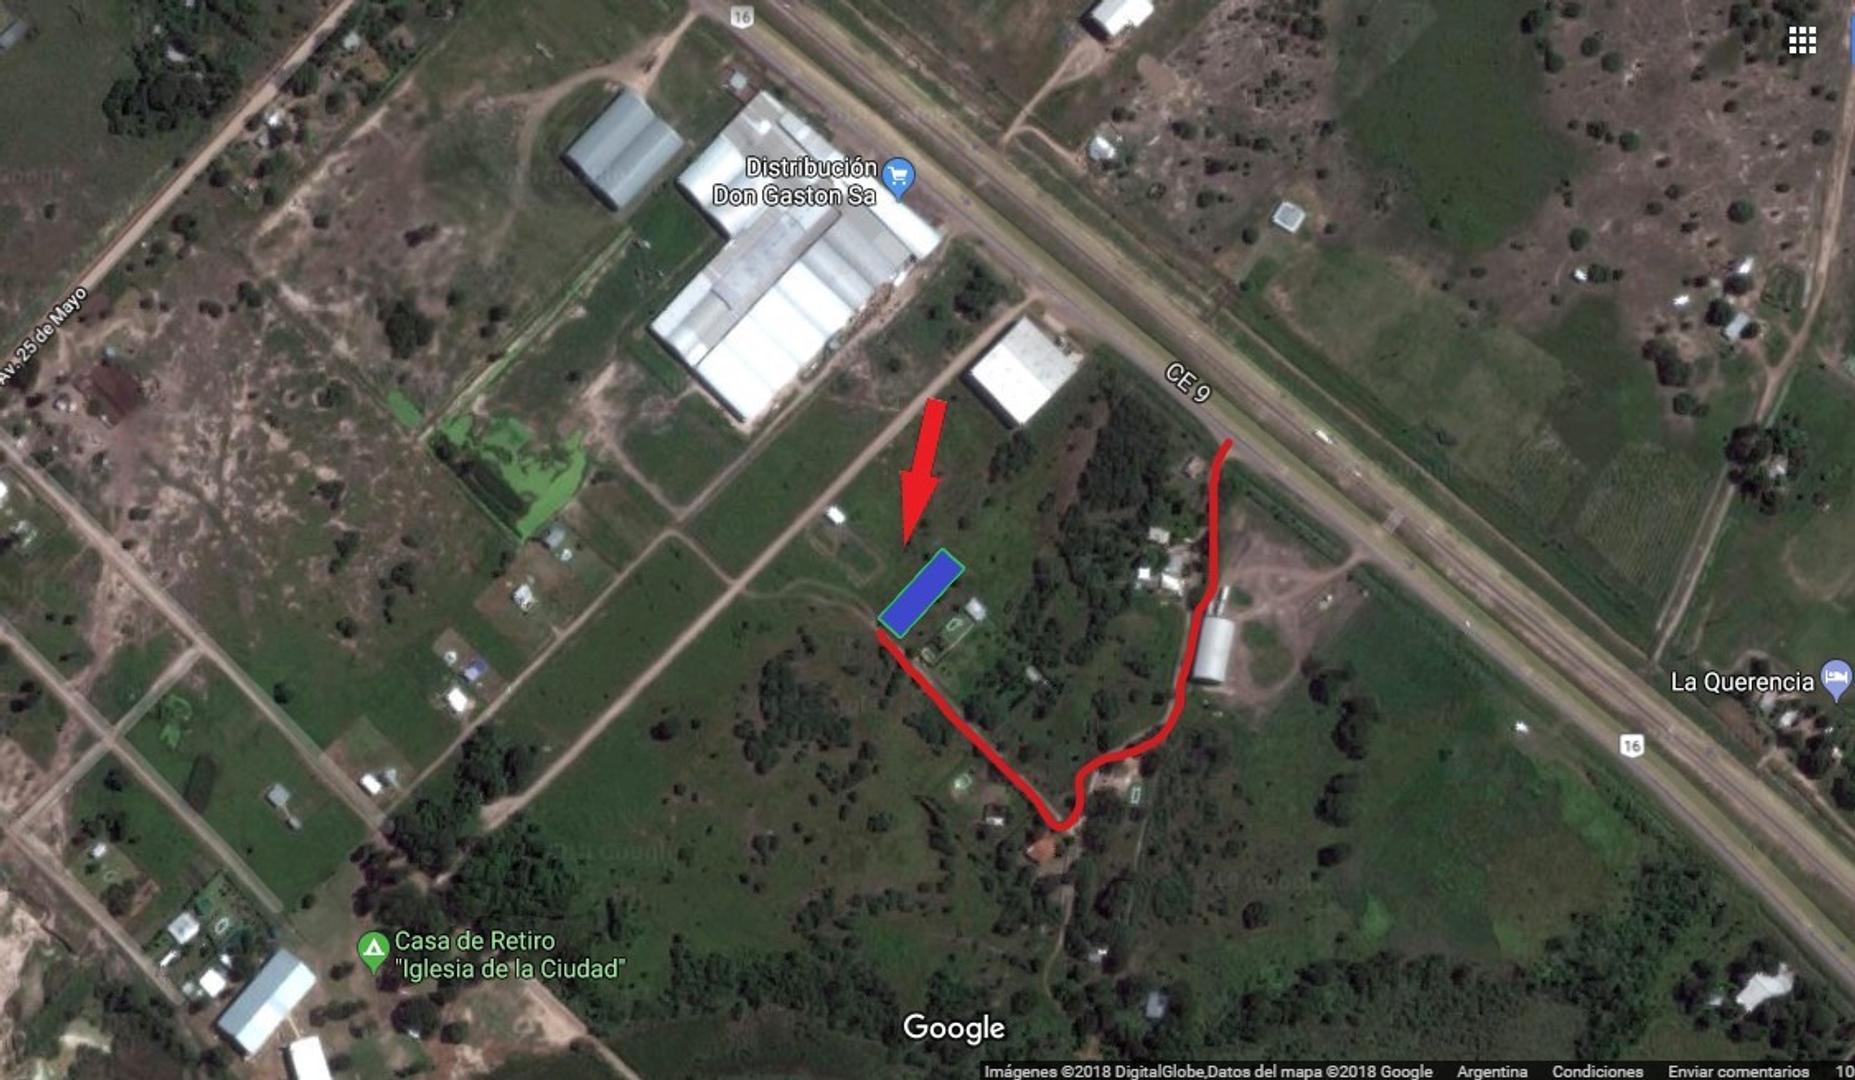 Vendo 2 Terrenos 14 x 45 Mts. cada uno, a menos de 5 km de rotonda rutas 16 y 11